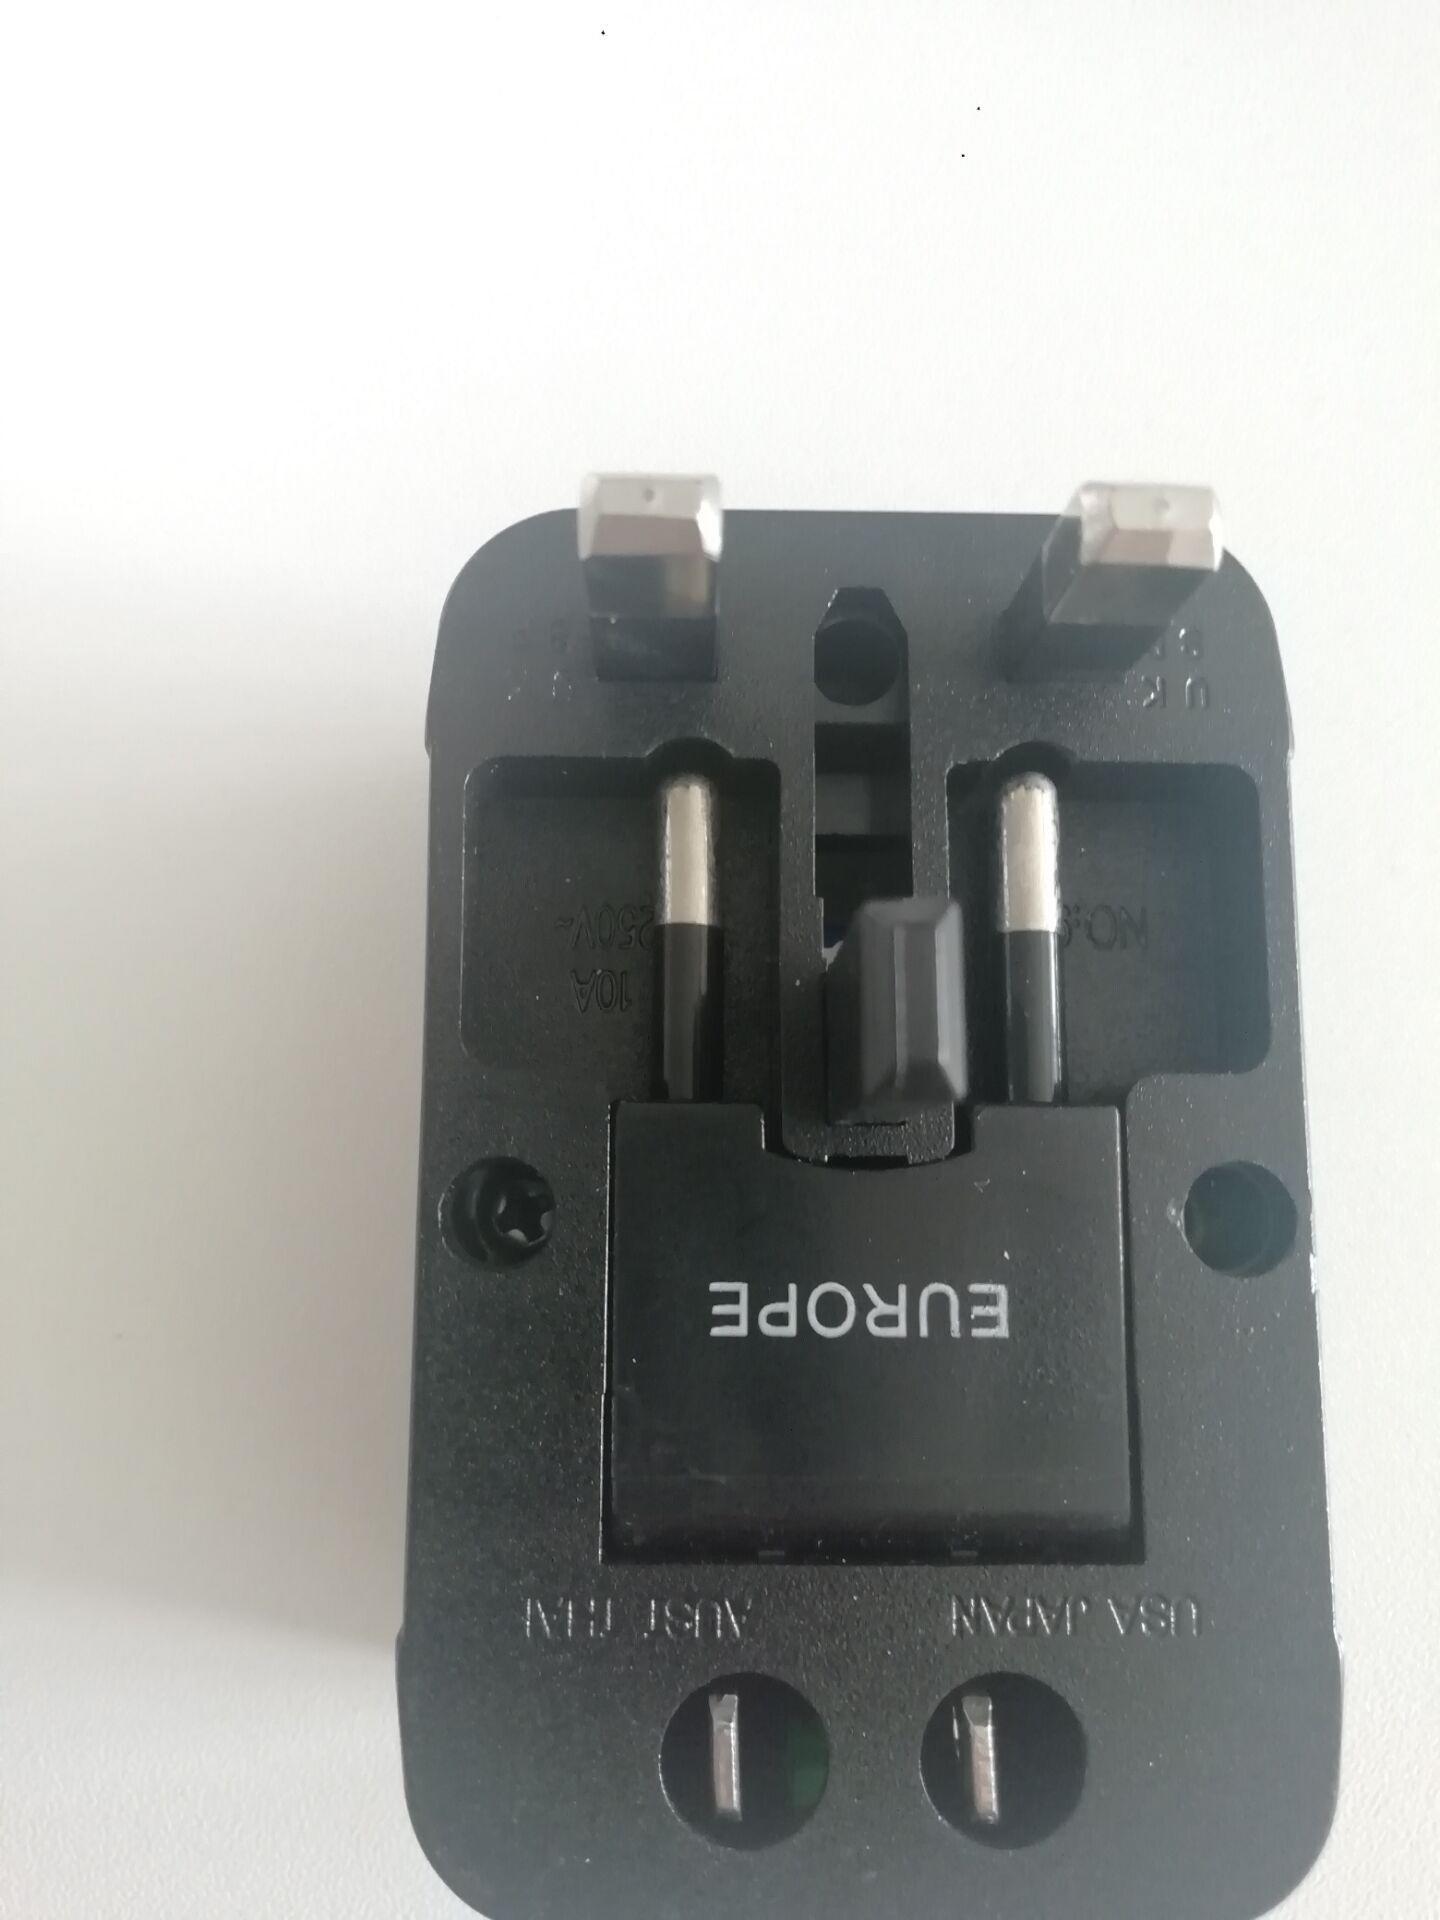 OEM EU uk us 220v international universal best eu outlet type g travel power electrical charger plug adapter socket converter